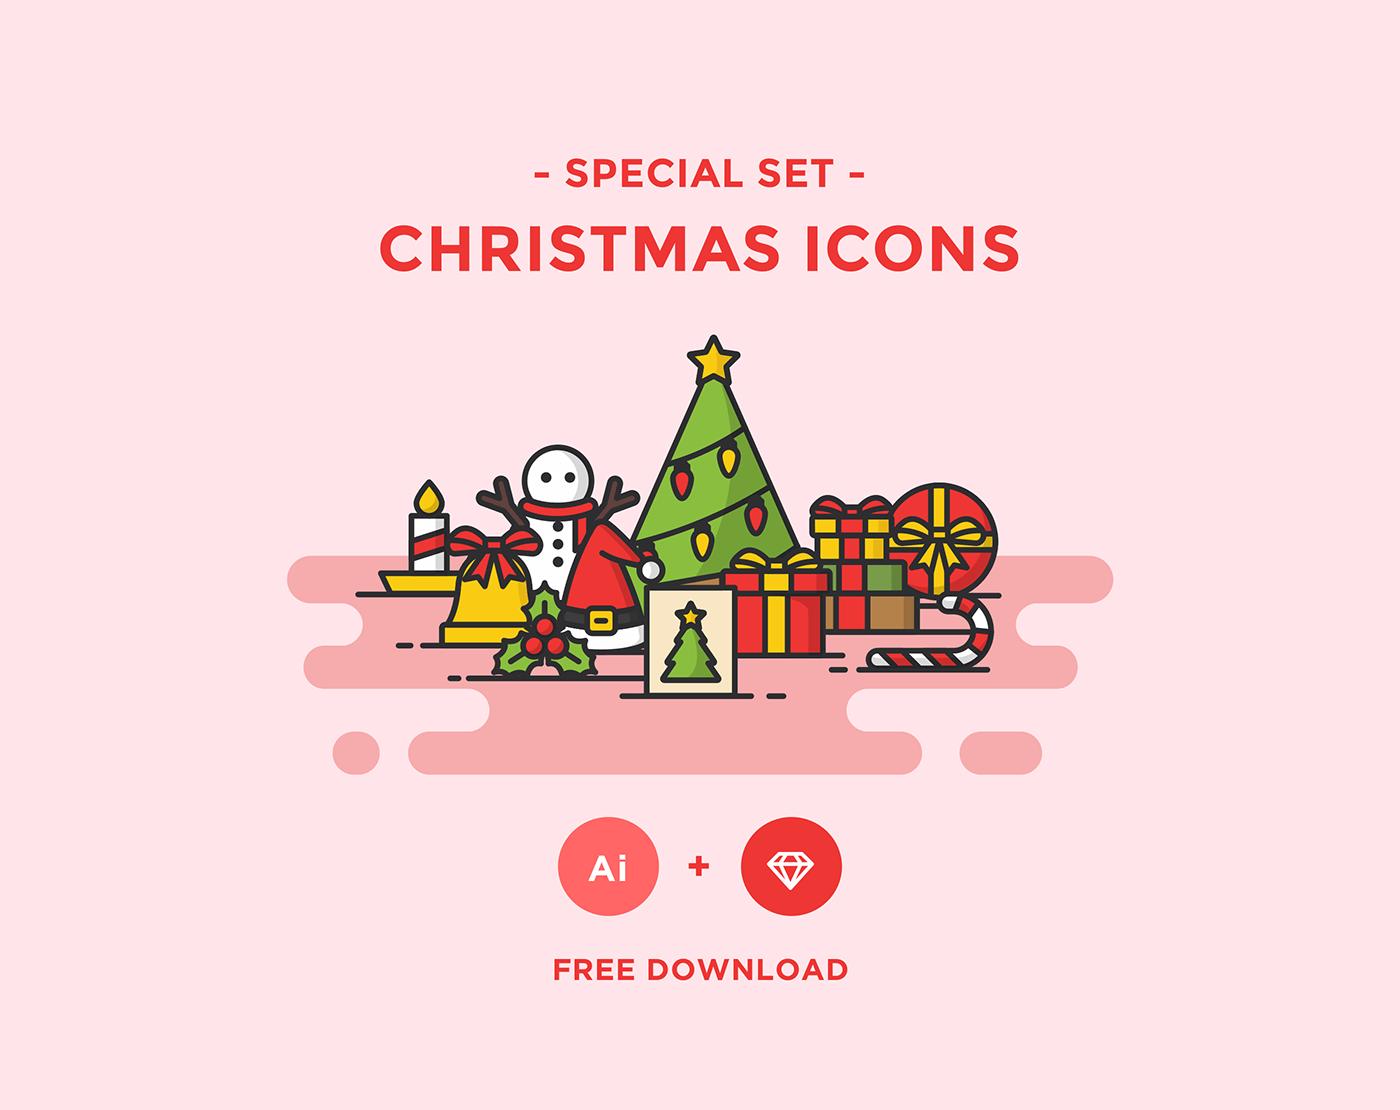 免費聖誕節icon素材